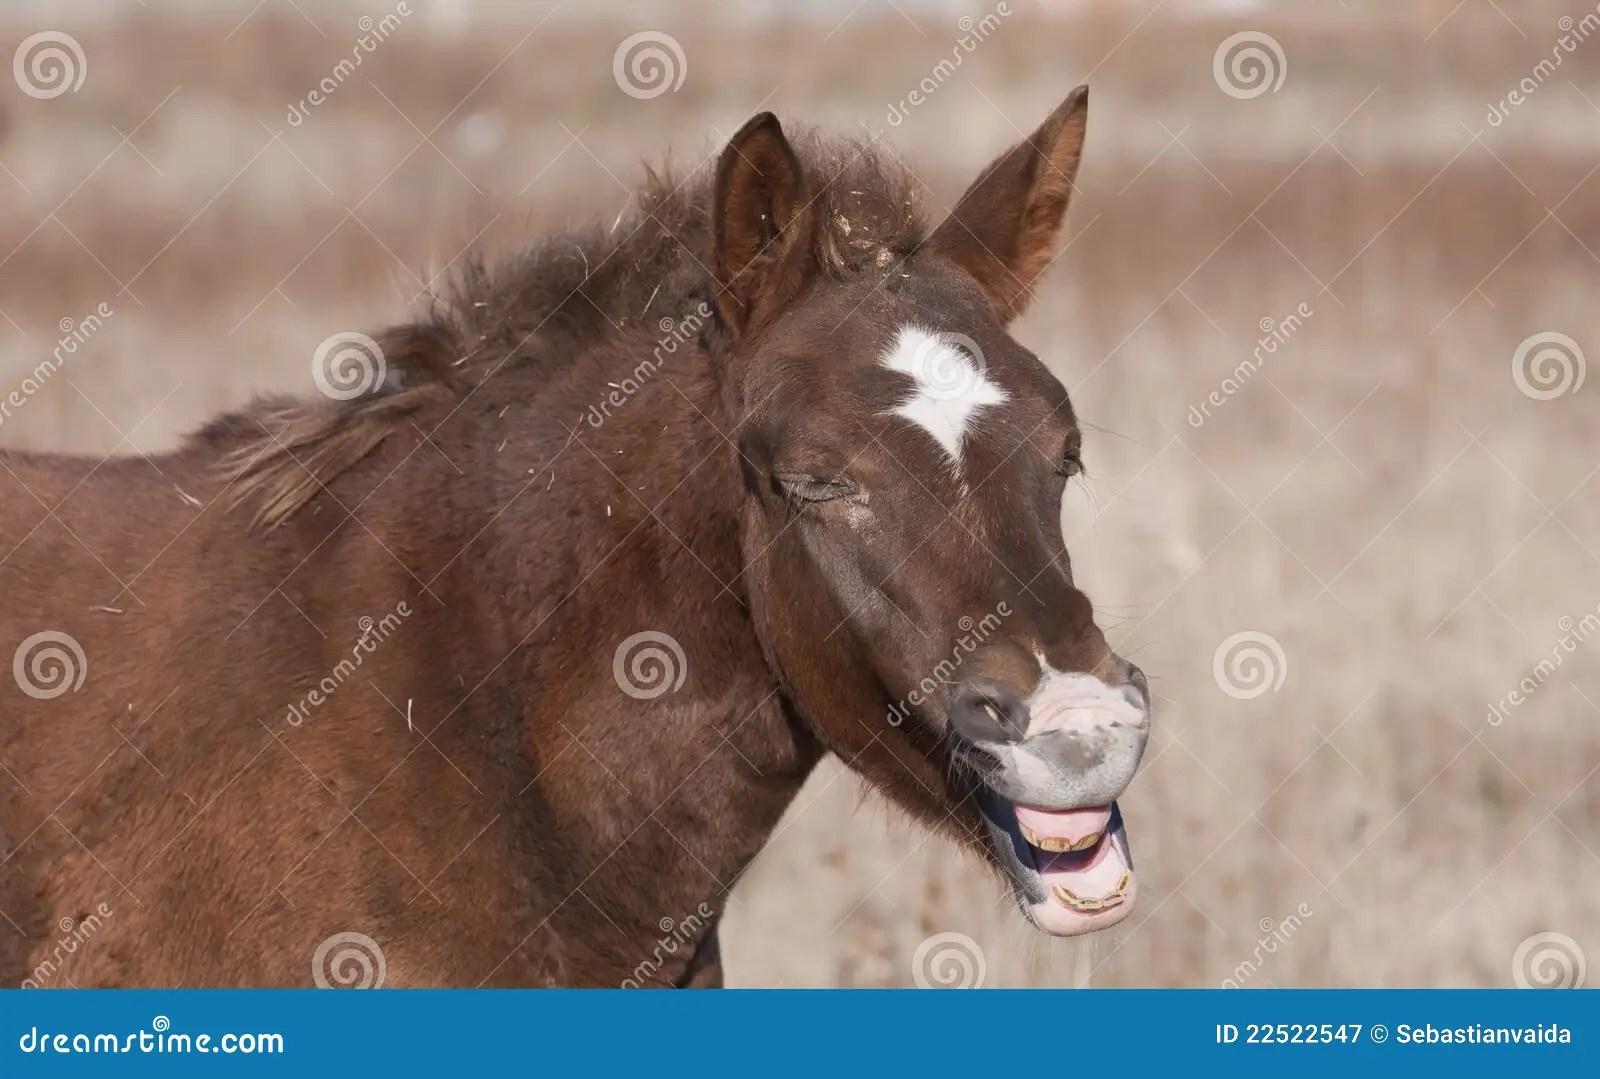 Laugh Out Loud Horse